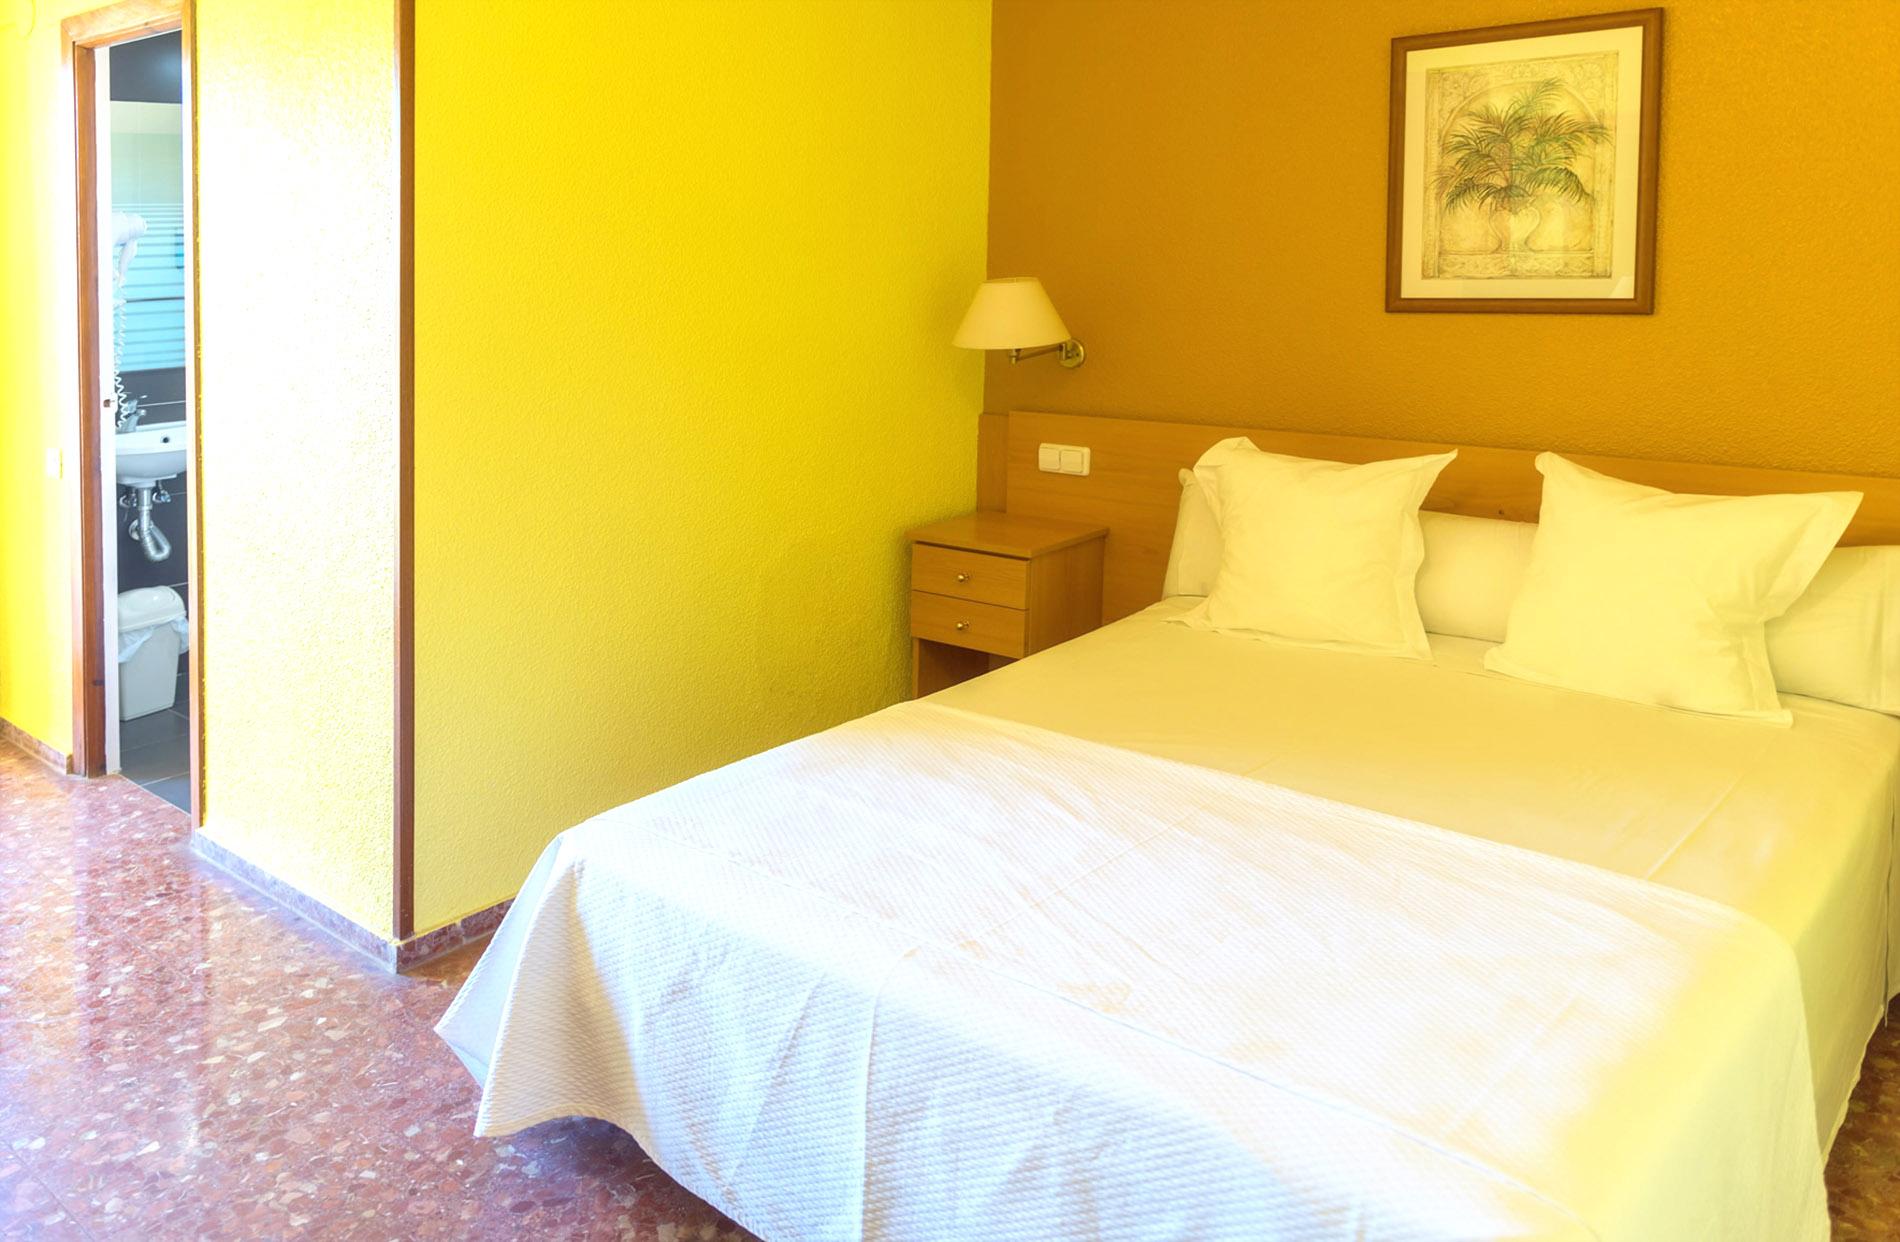 Habitaciones Hotel Montreal Benicassim